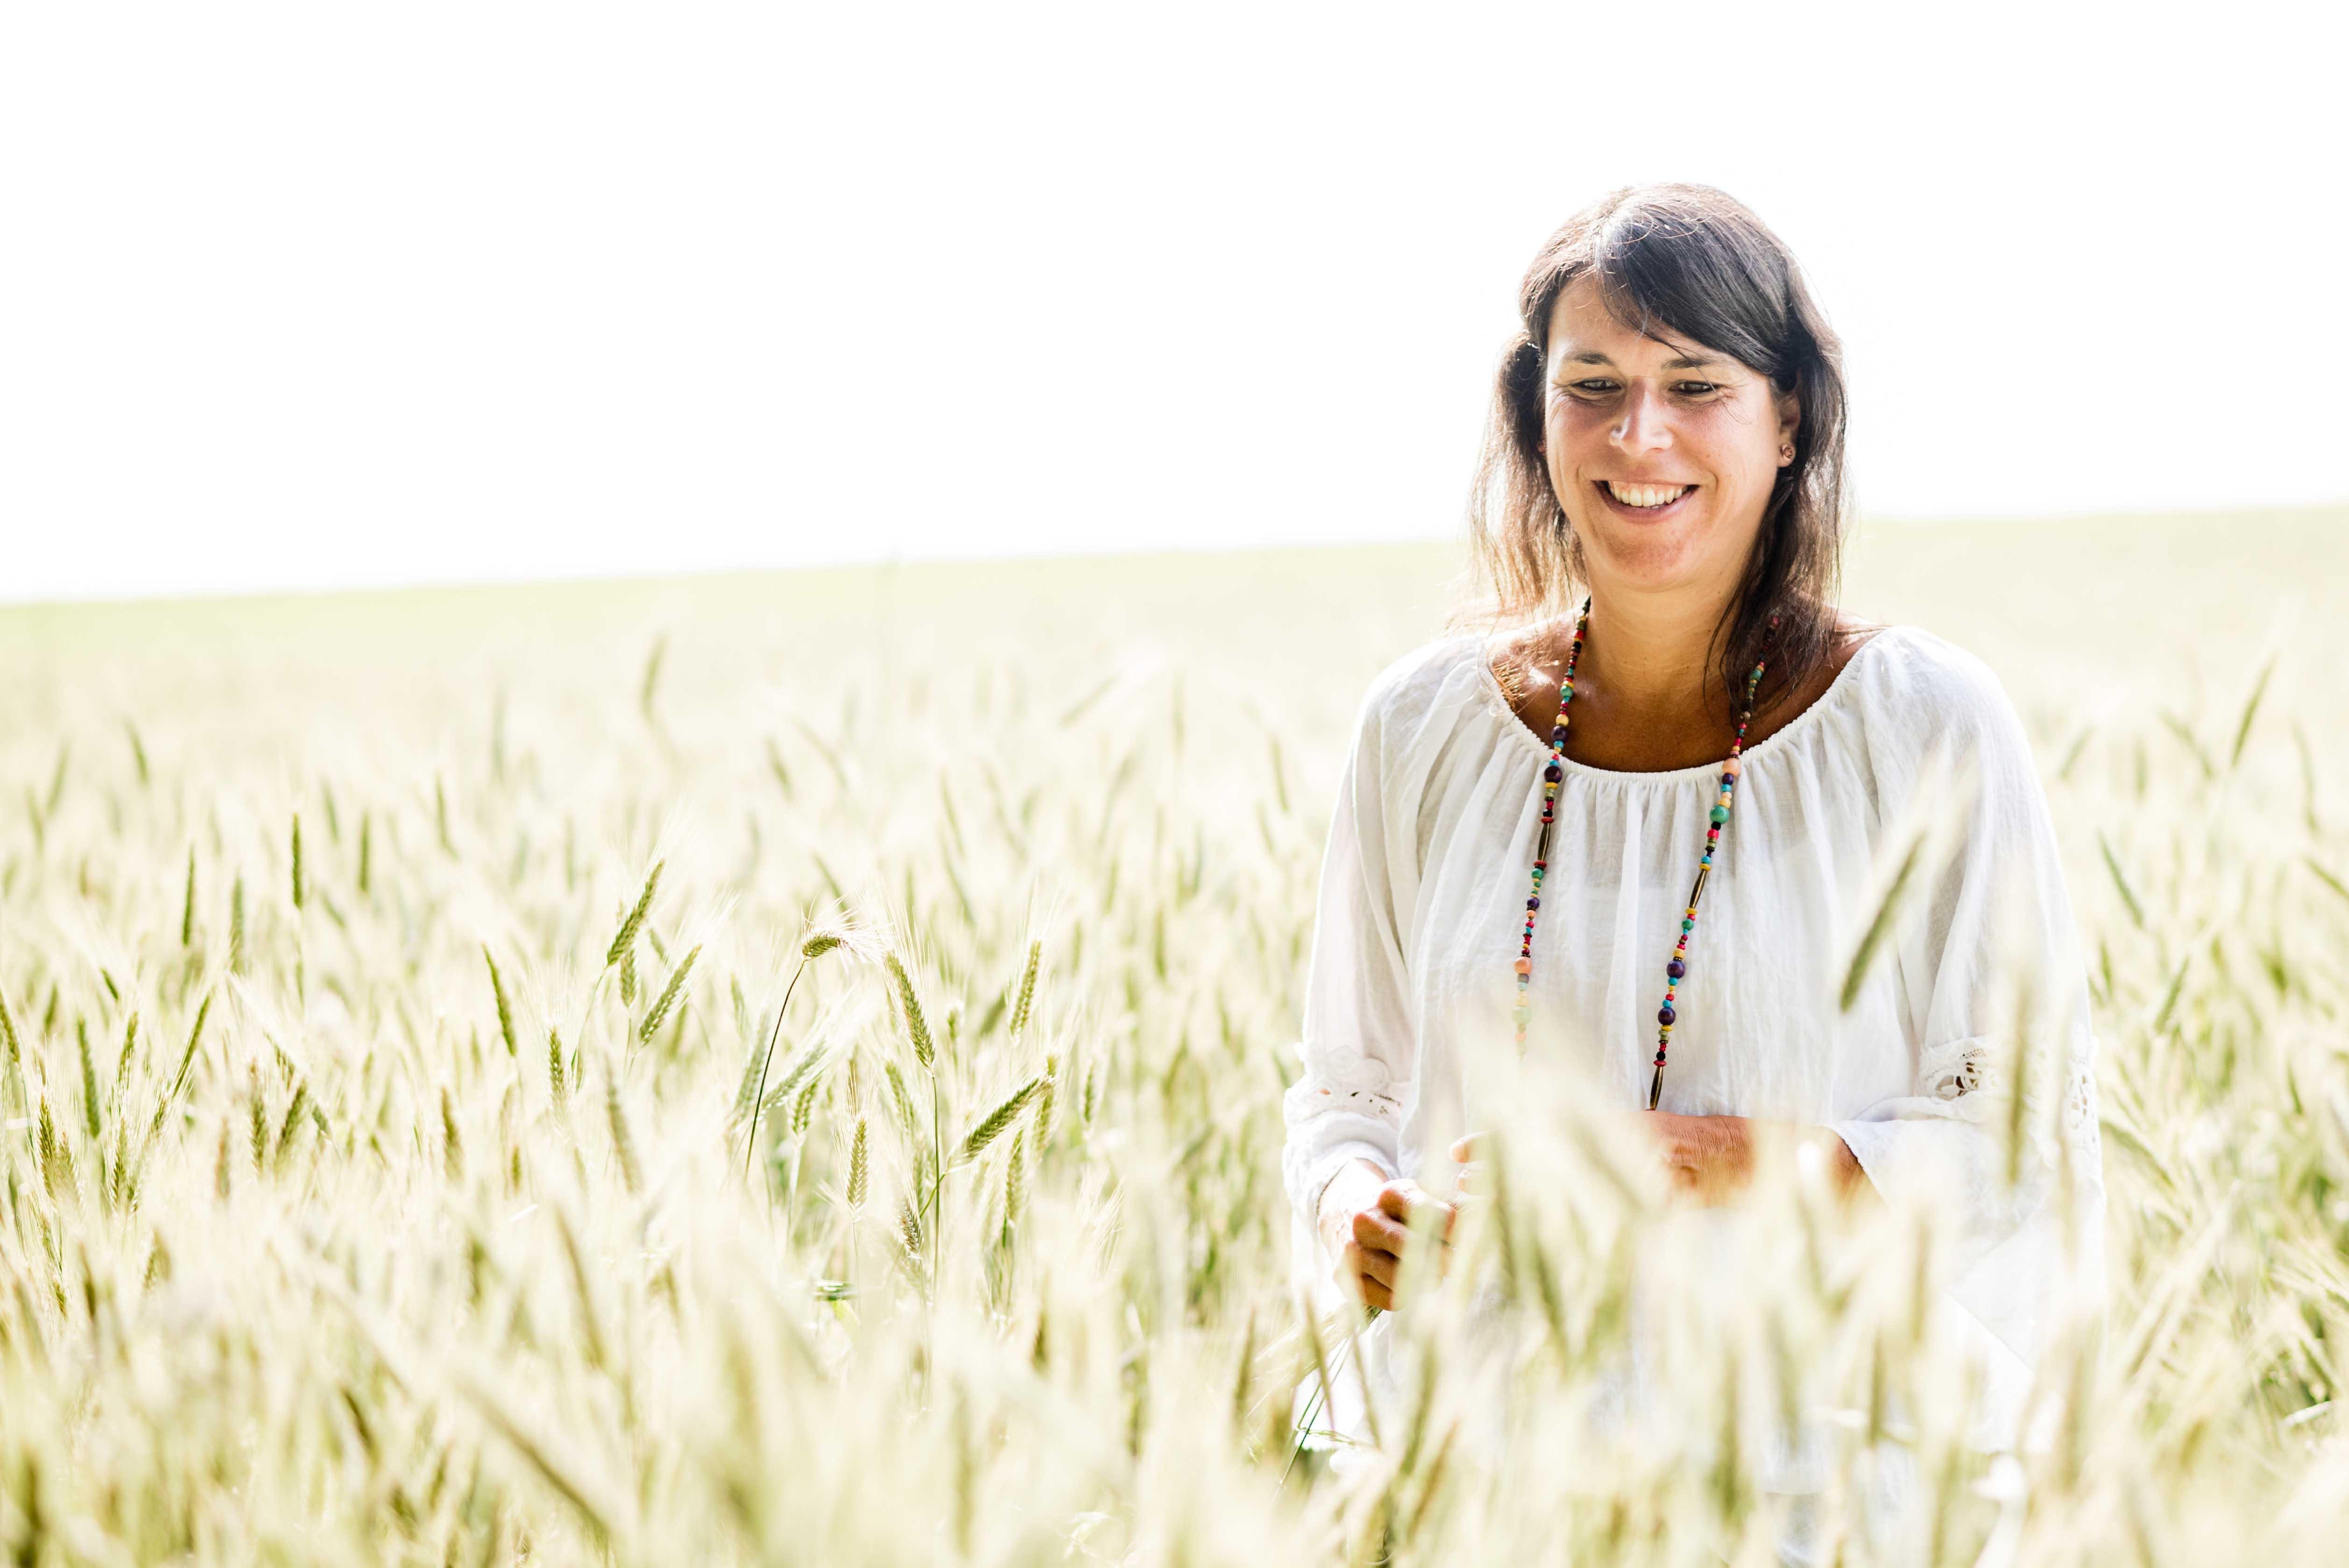 Barbara Baschnagel steht im Kornfeld und schaut mit nachdenklichem Blick leicht nach unten auf das Korn.